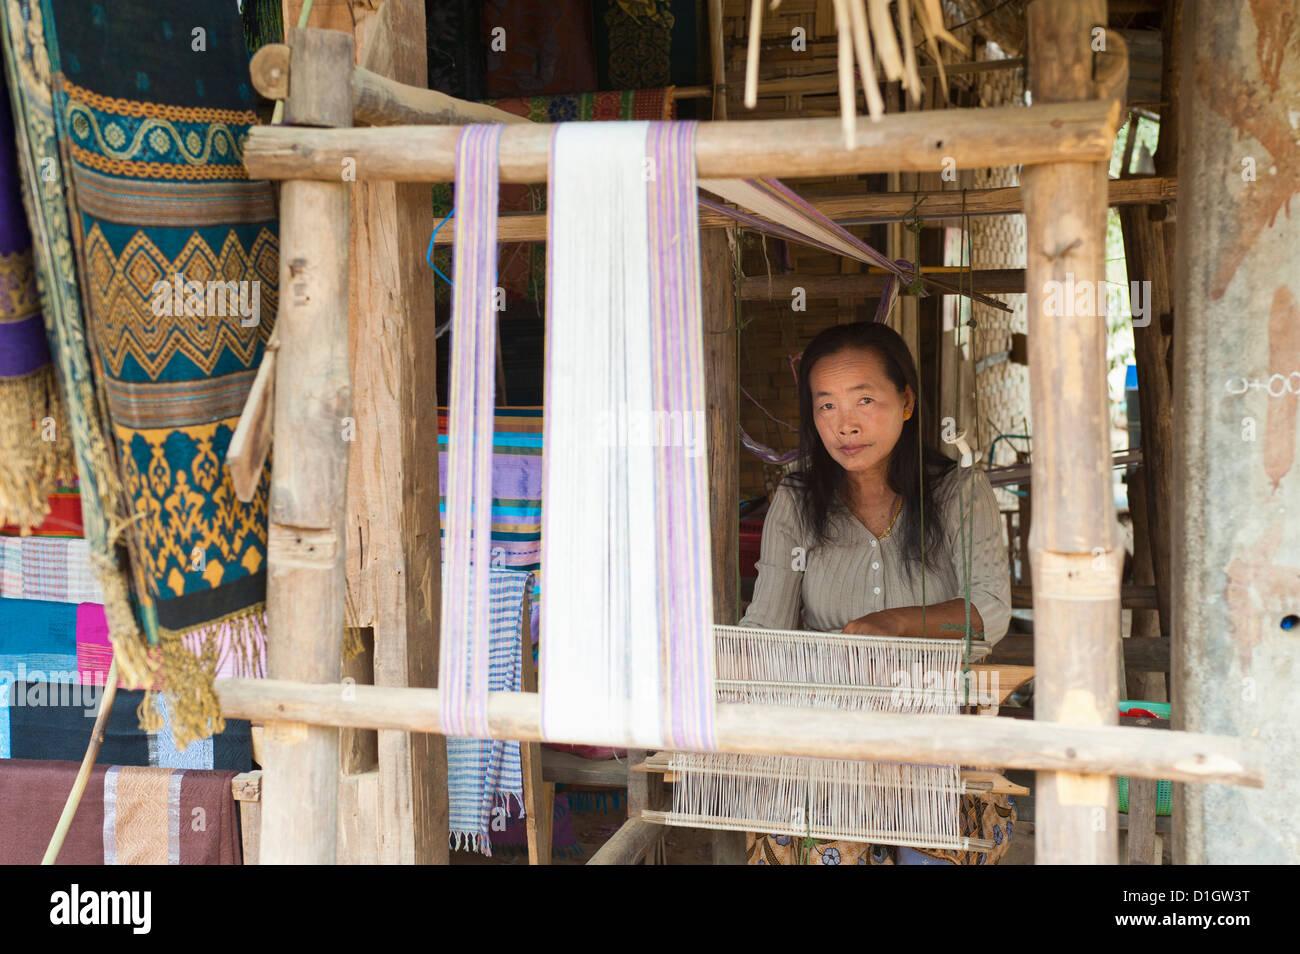 Tejido en telar, en Luang Prabang, Laos, Indochina, en el sudeste de Asia, Asia Imagen De Stock